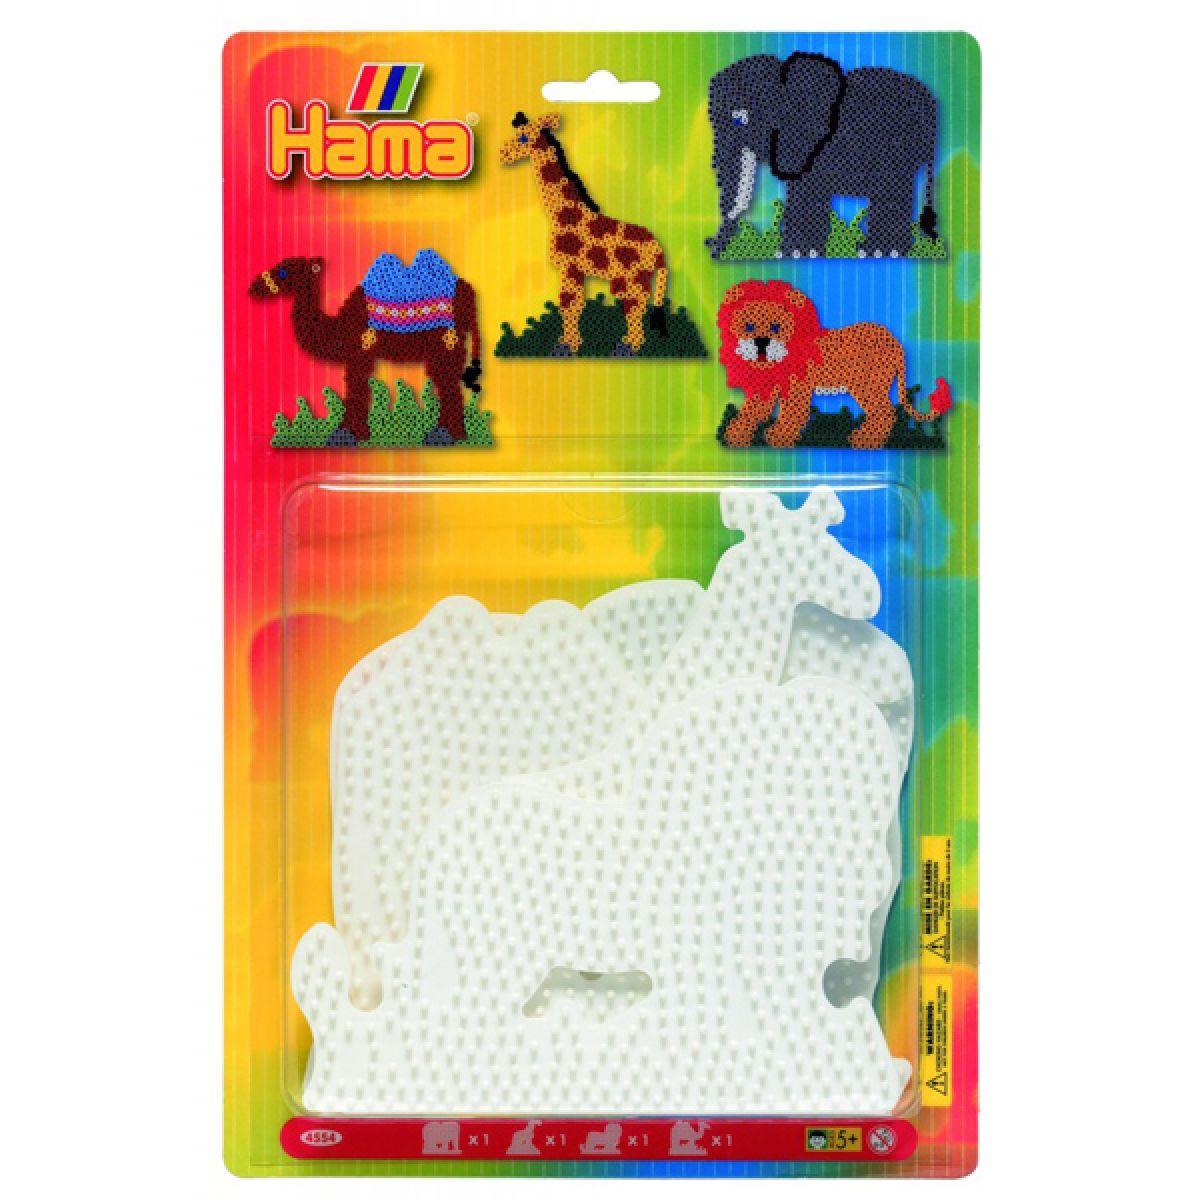 Hama H4554 Midi podložky Lev, žirafa, slon a velbloud HAMA